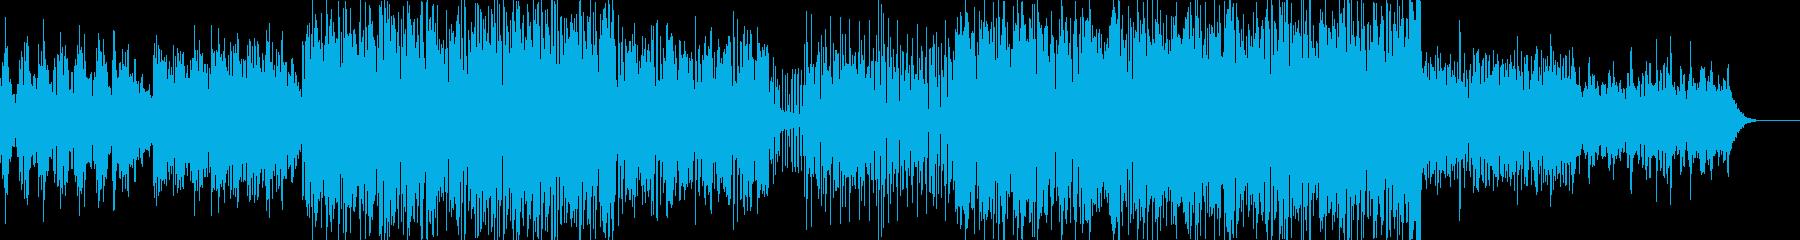 哀愁感のあるヒーリング系バラードの再生済みの波形